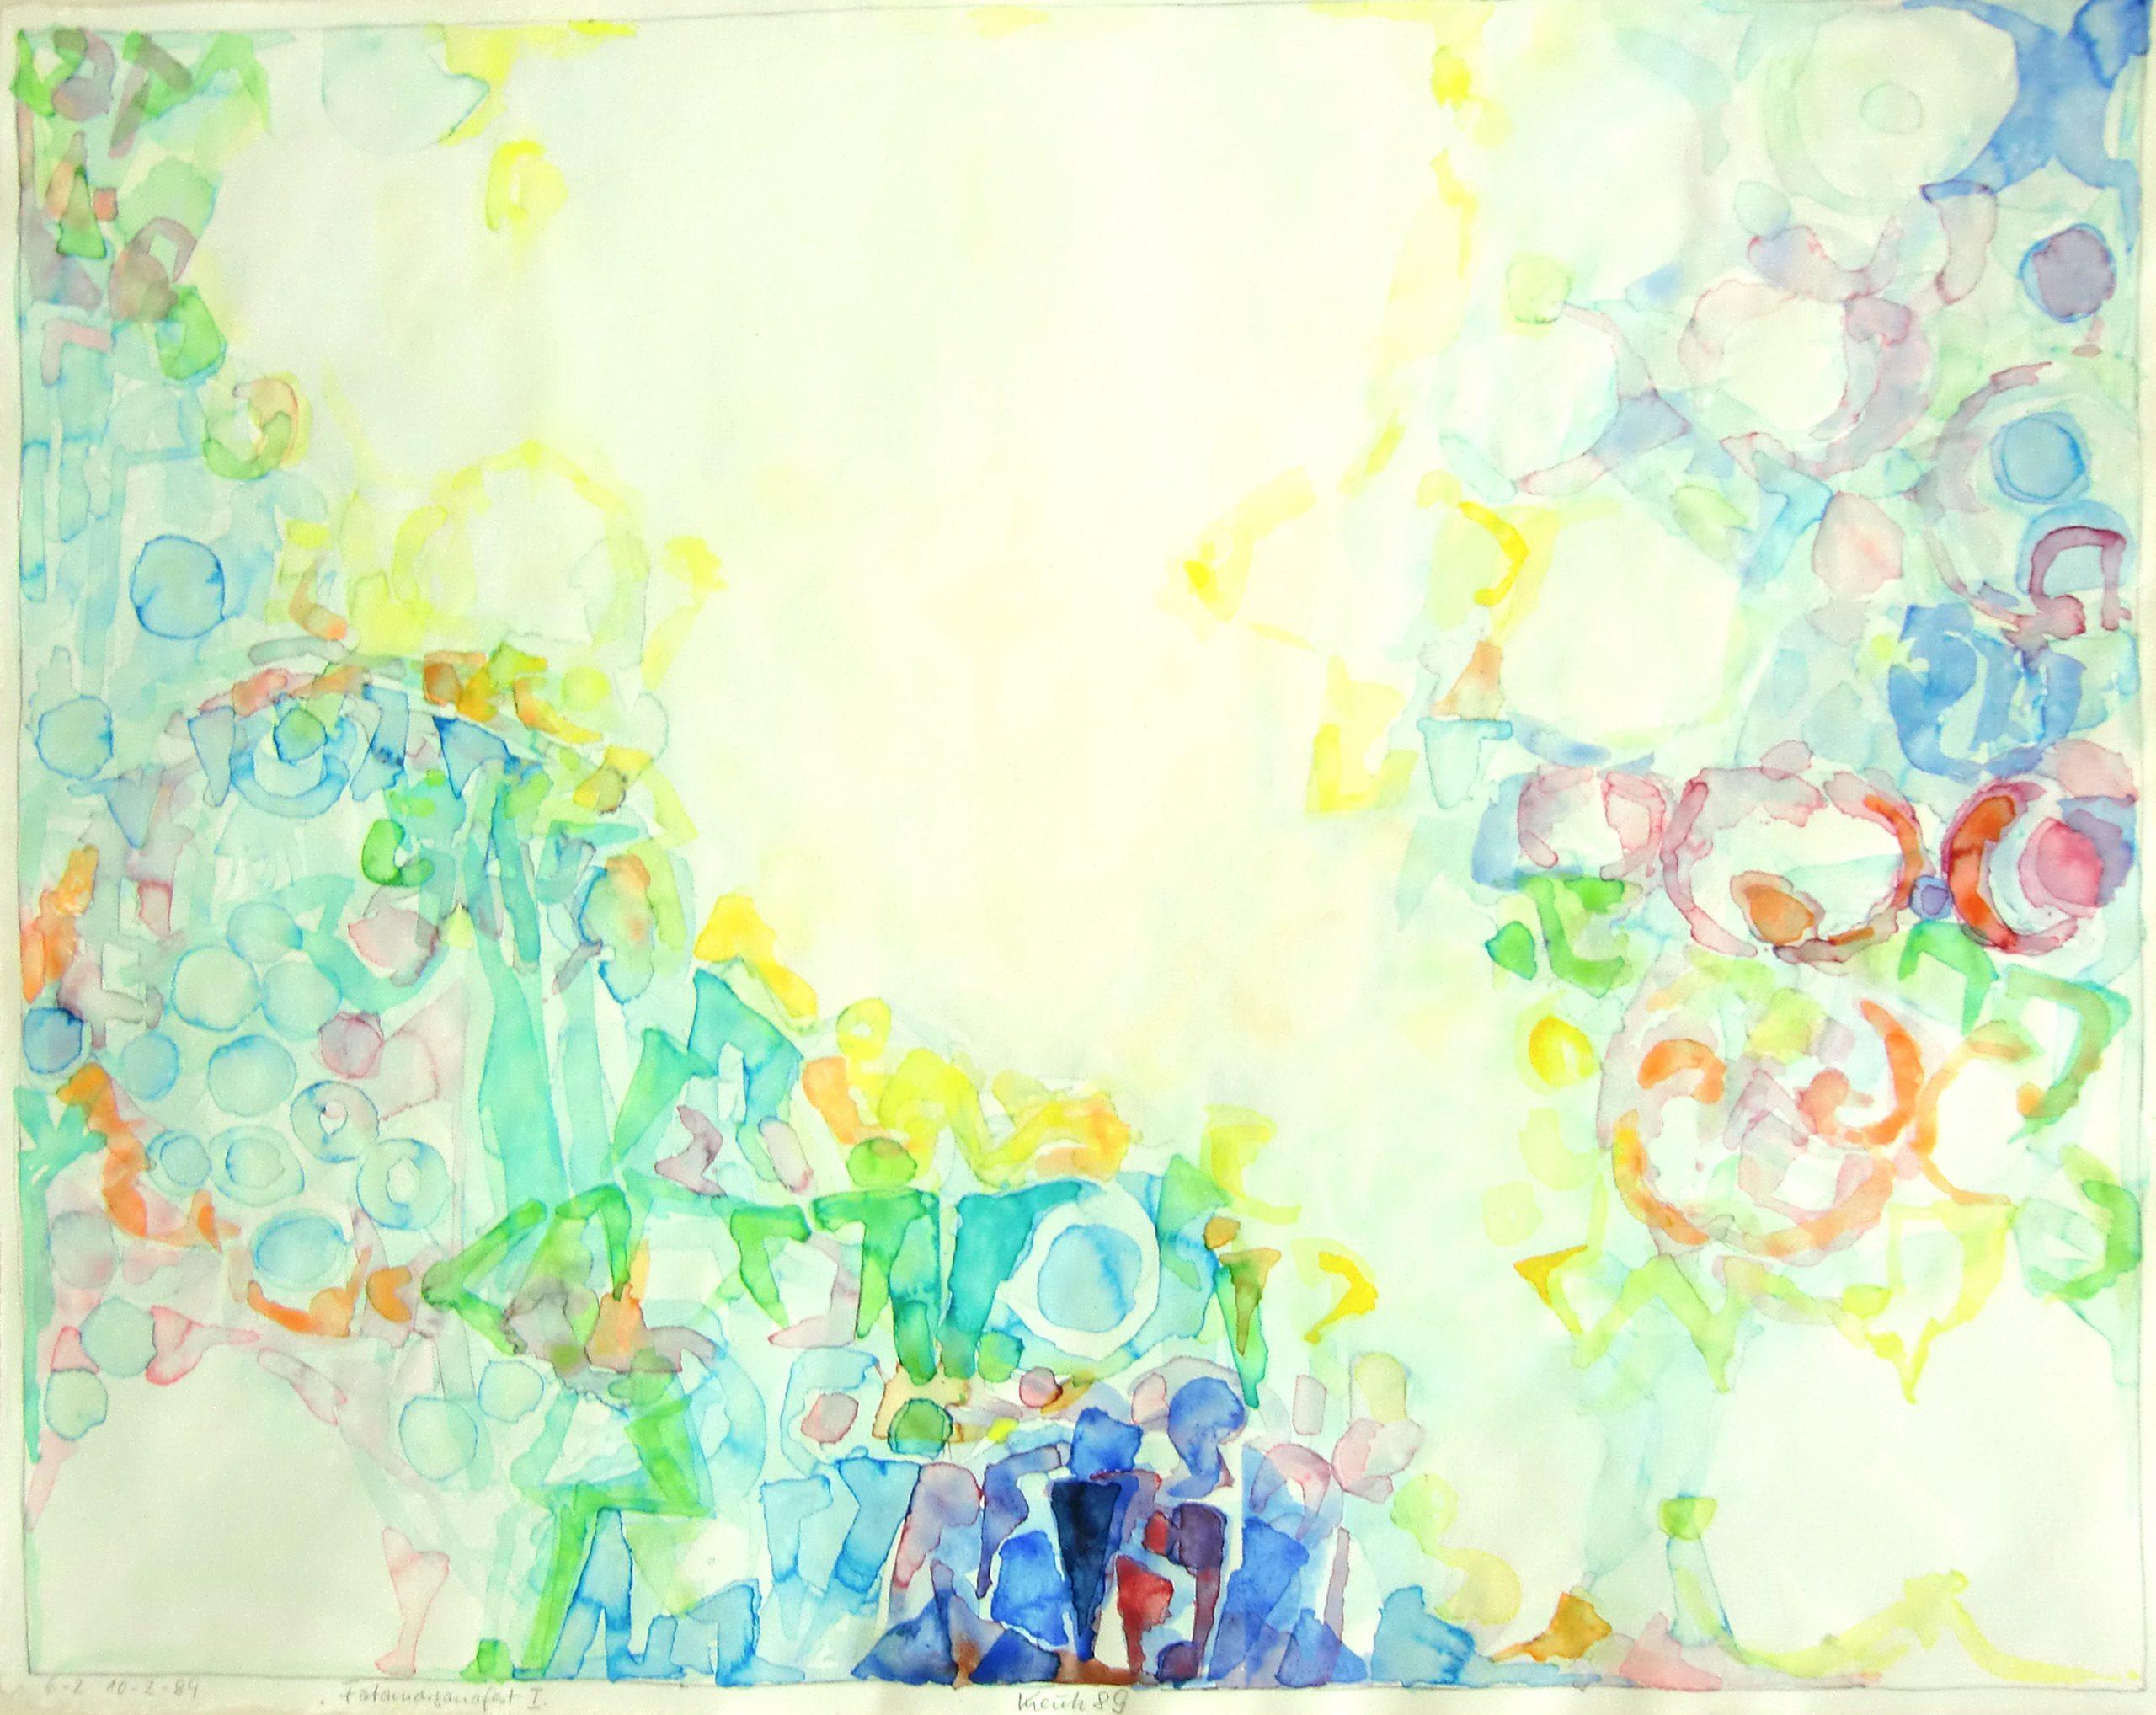 Galerie Maulberger Heinz Kreutz (1989)